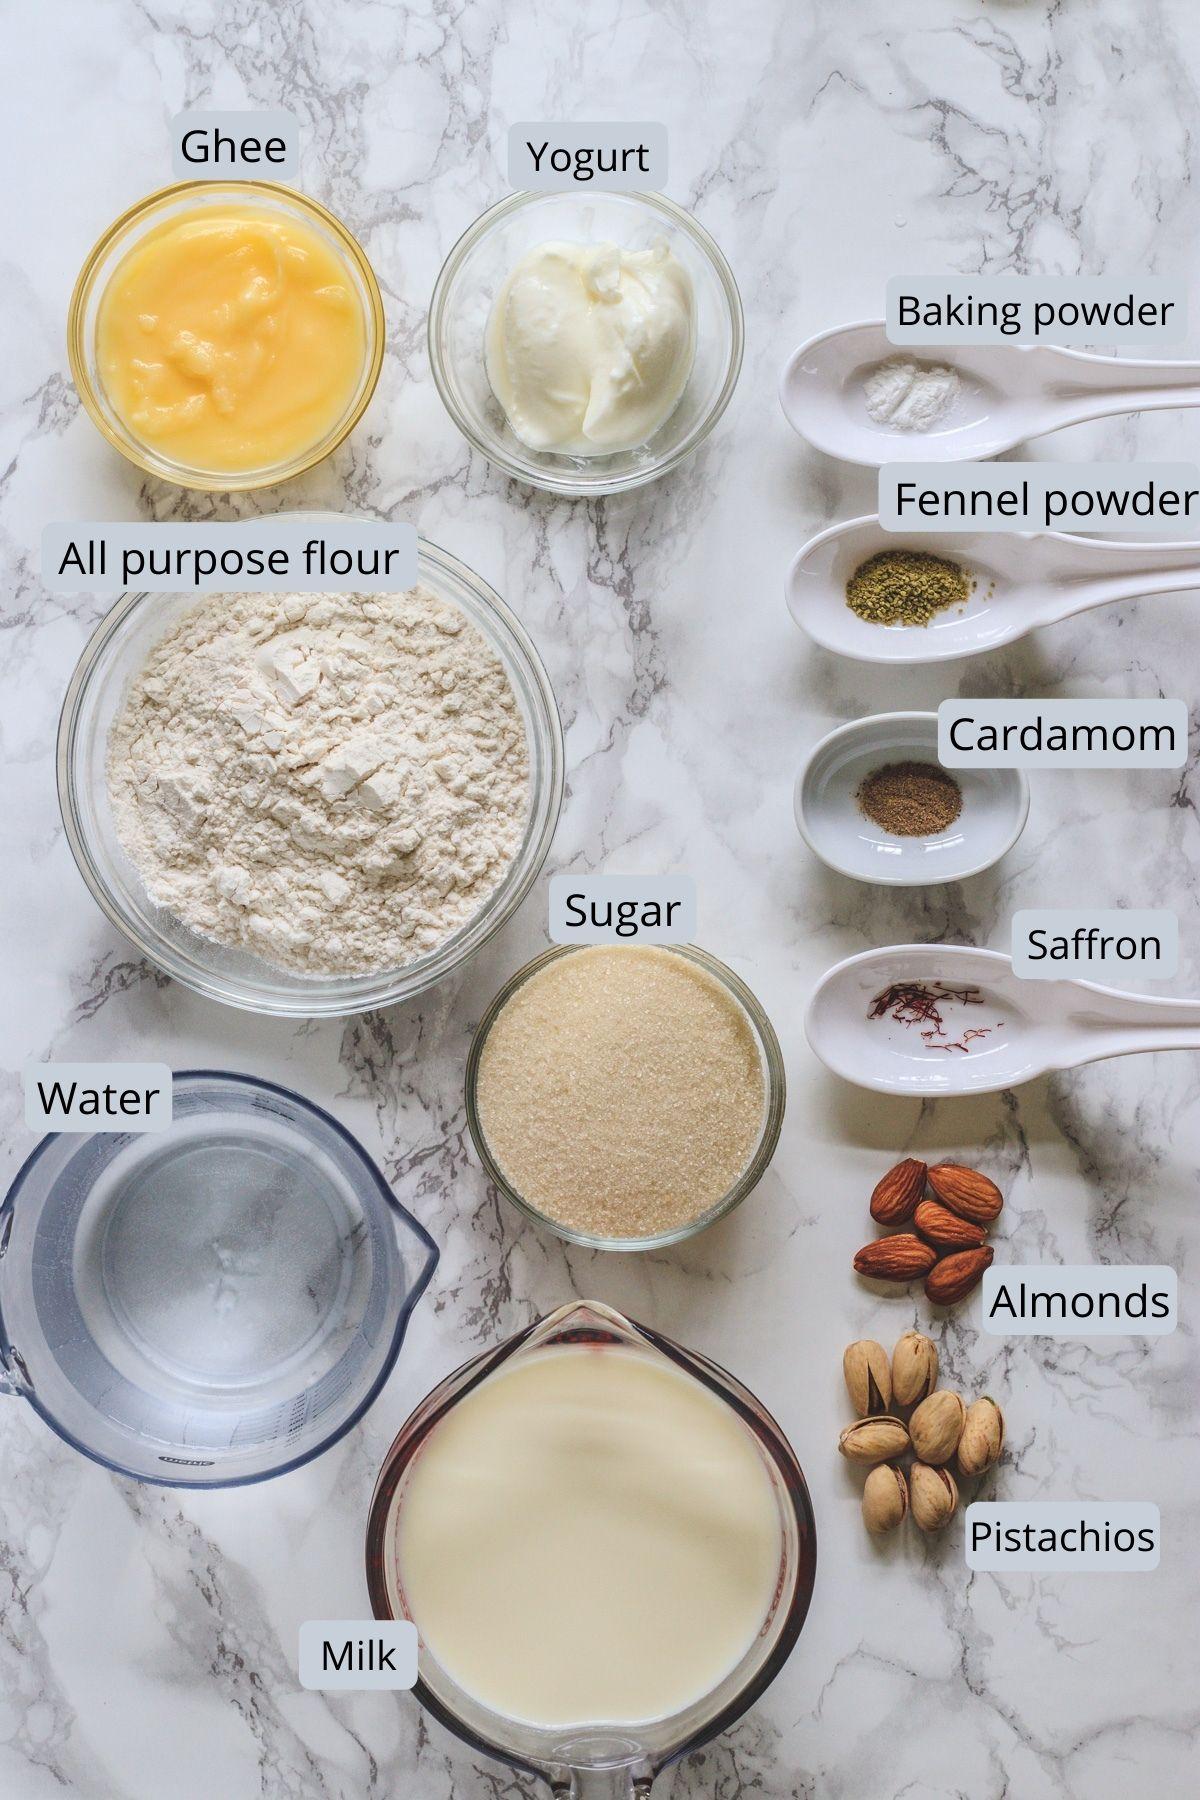 ingredients used in malpua inclides flour, cardamom, fennel powder, baking powder, water, sgar, yogurt, ghee, milk, nuts.